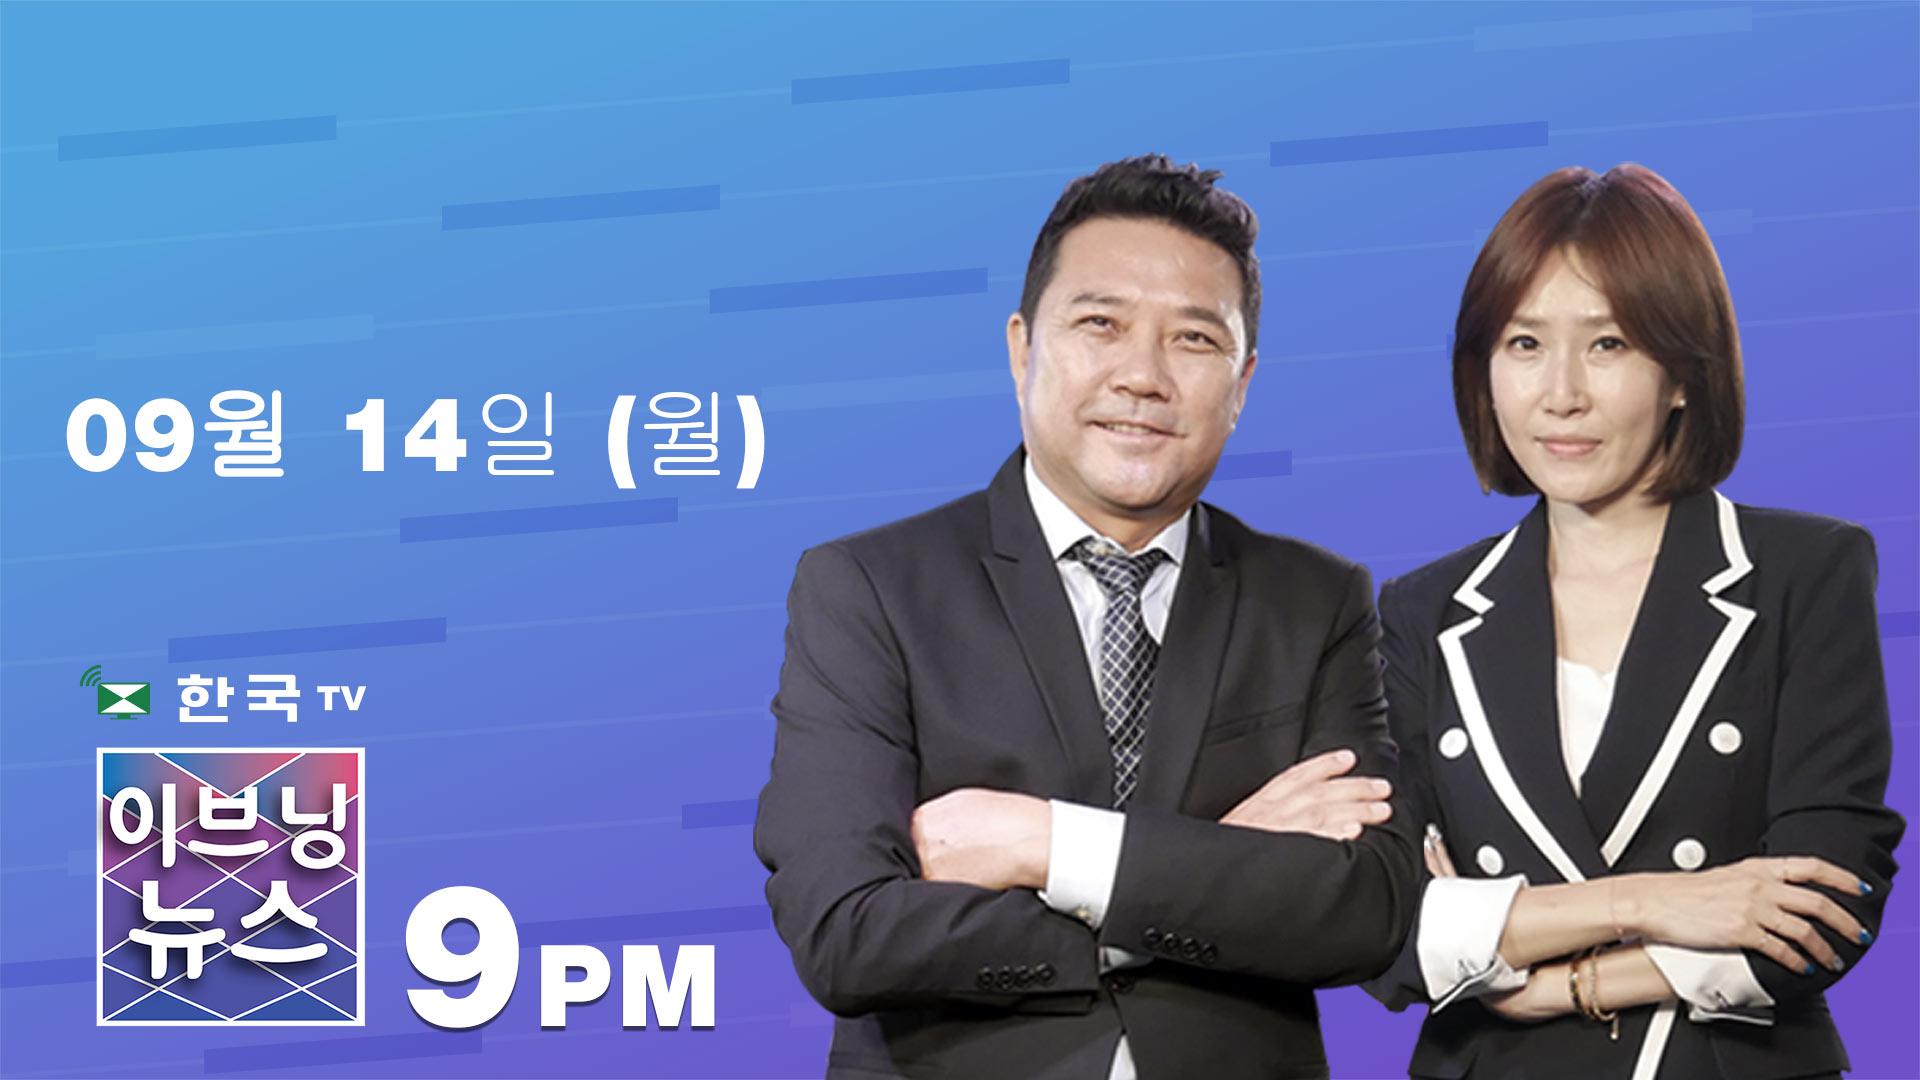 (09.14.2020) 한국TV 이브닝 뉴스